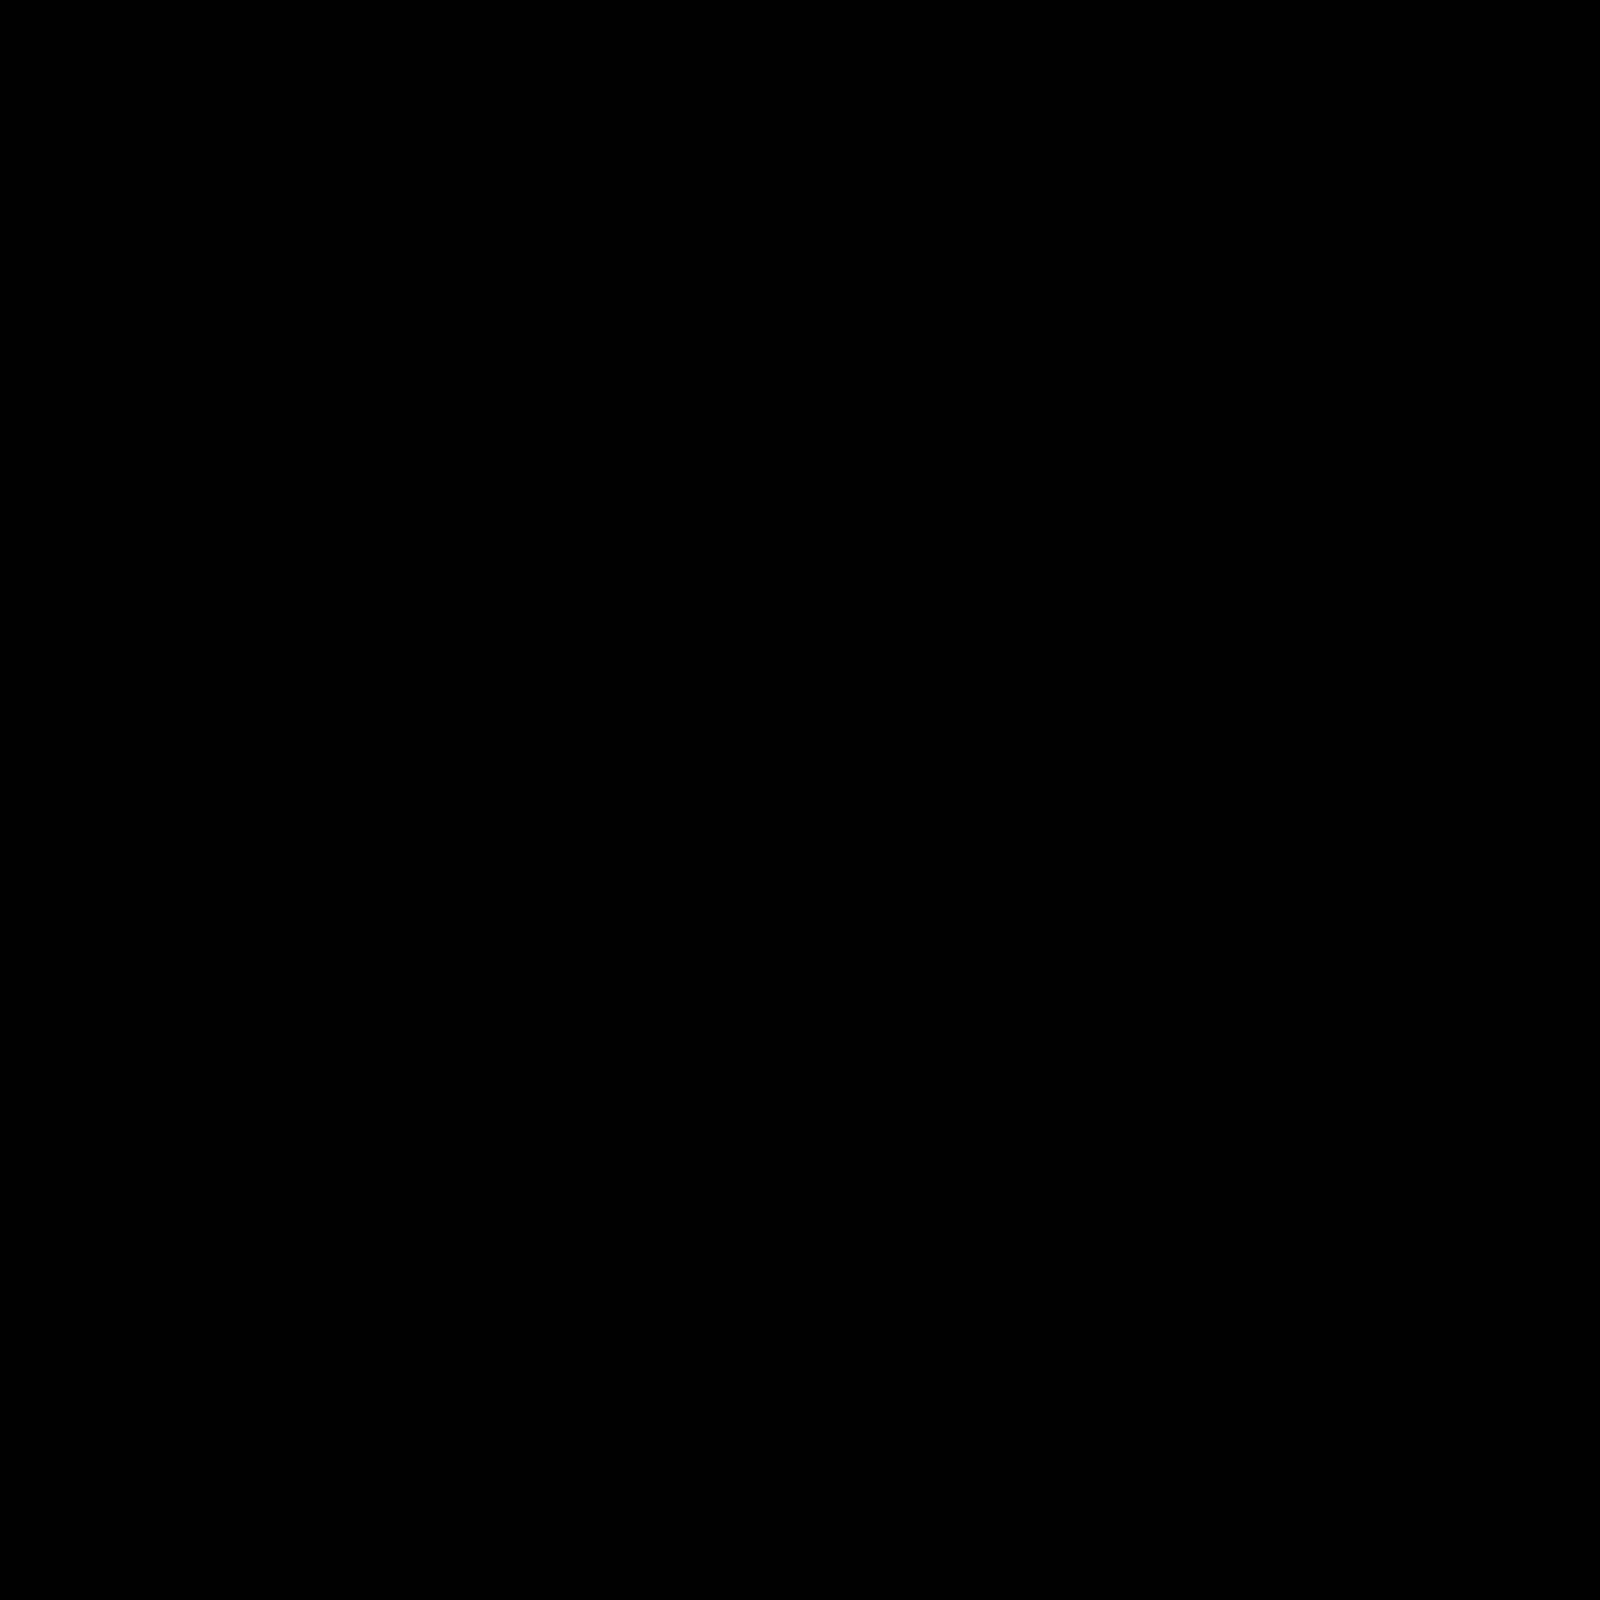 Wi-Fi connecté icon